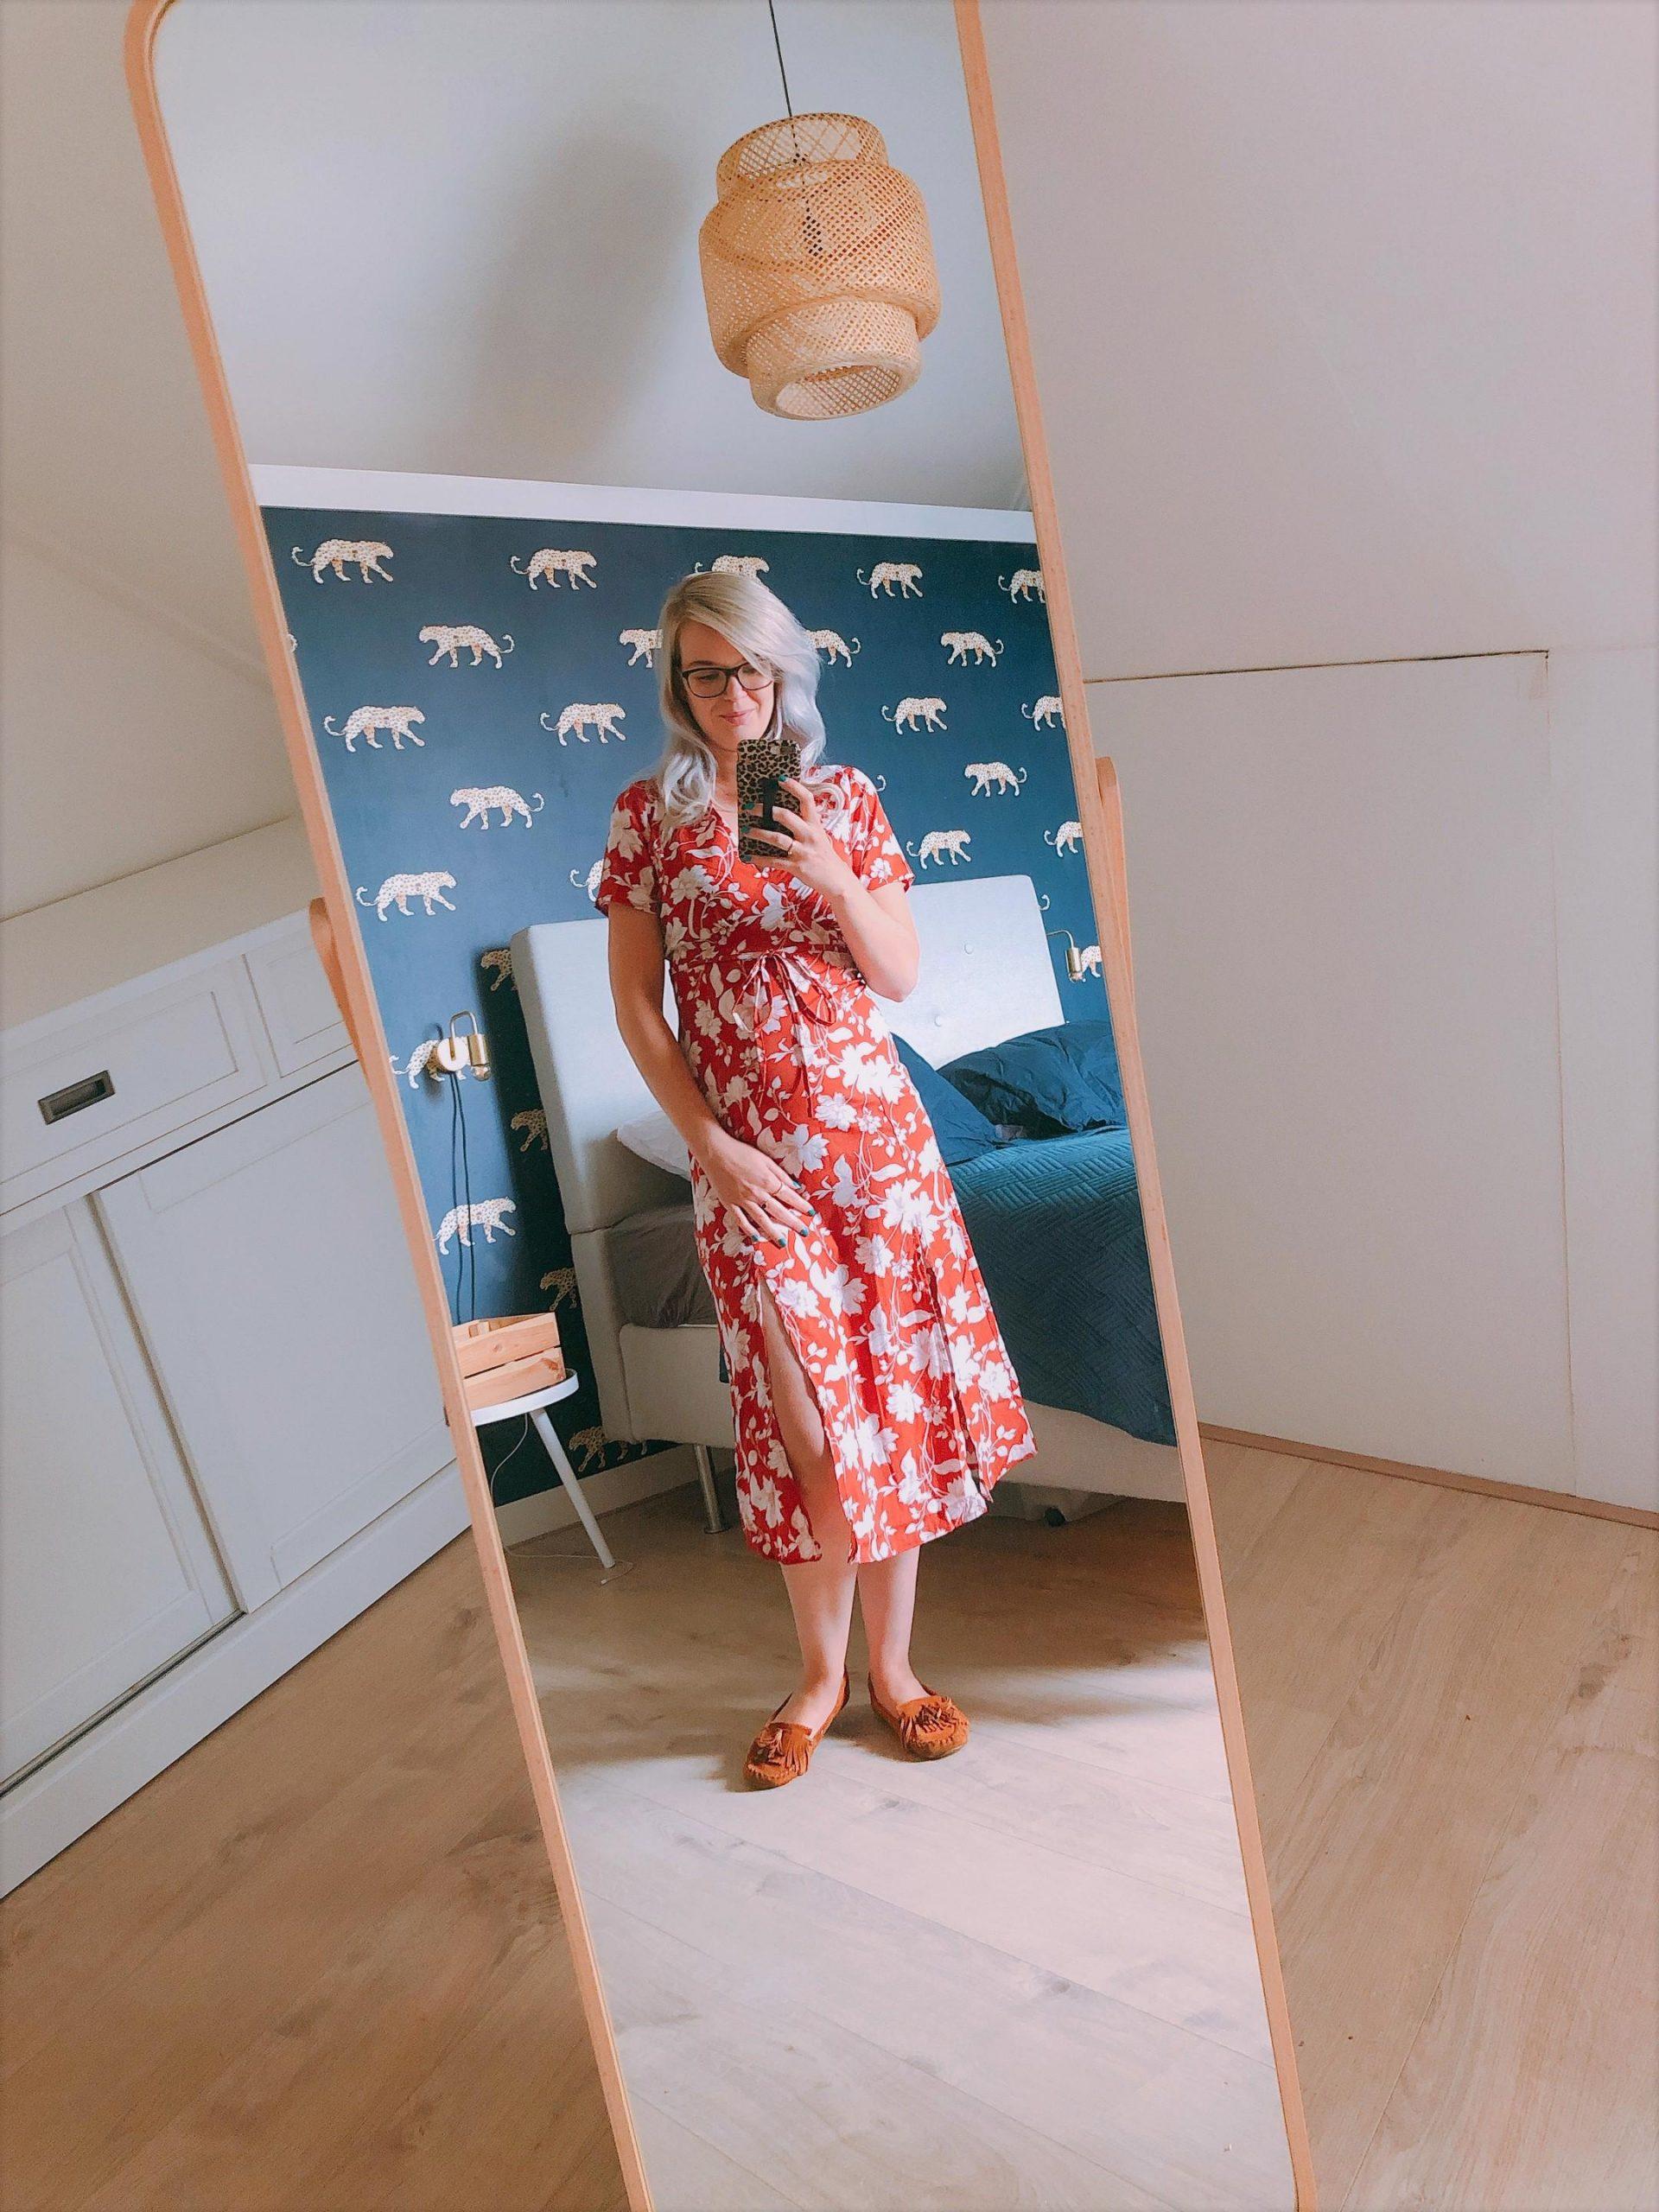 IMG 2988 2160x2880 1 scaled - Kledingshoplog - outfits updaten van zomer naar herfst & winter!